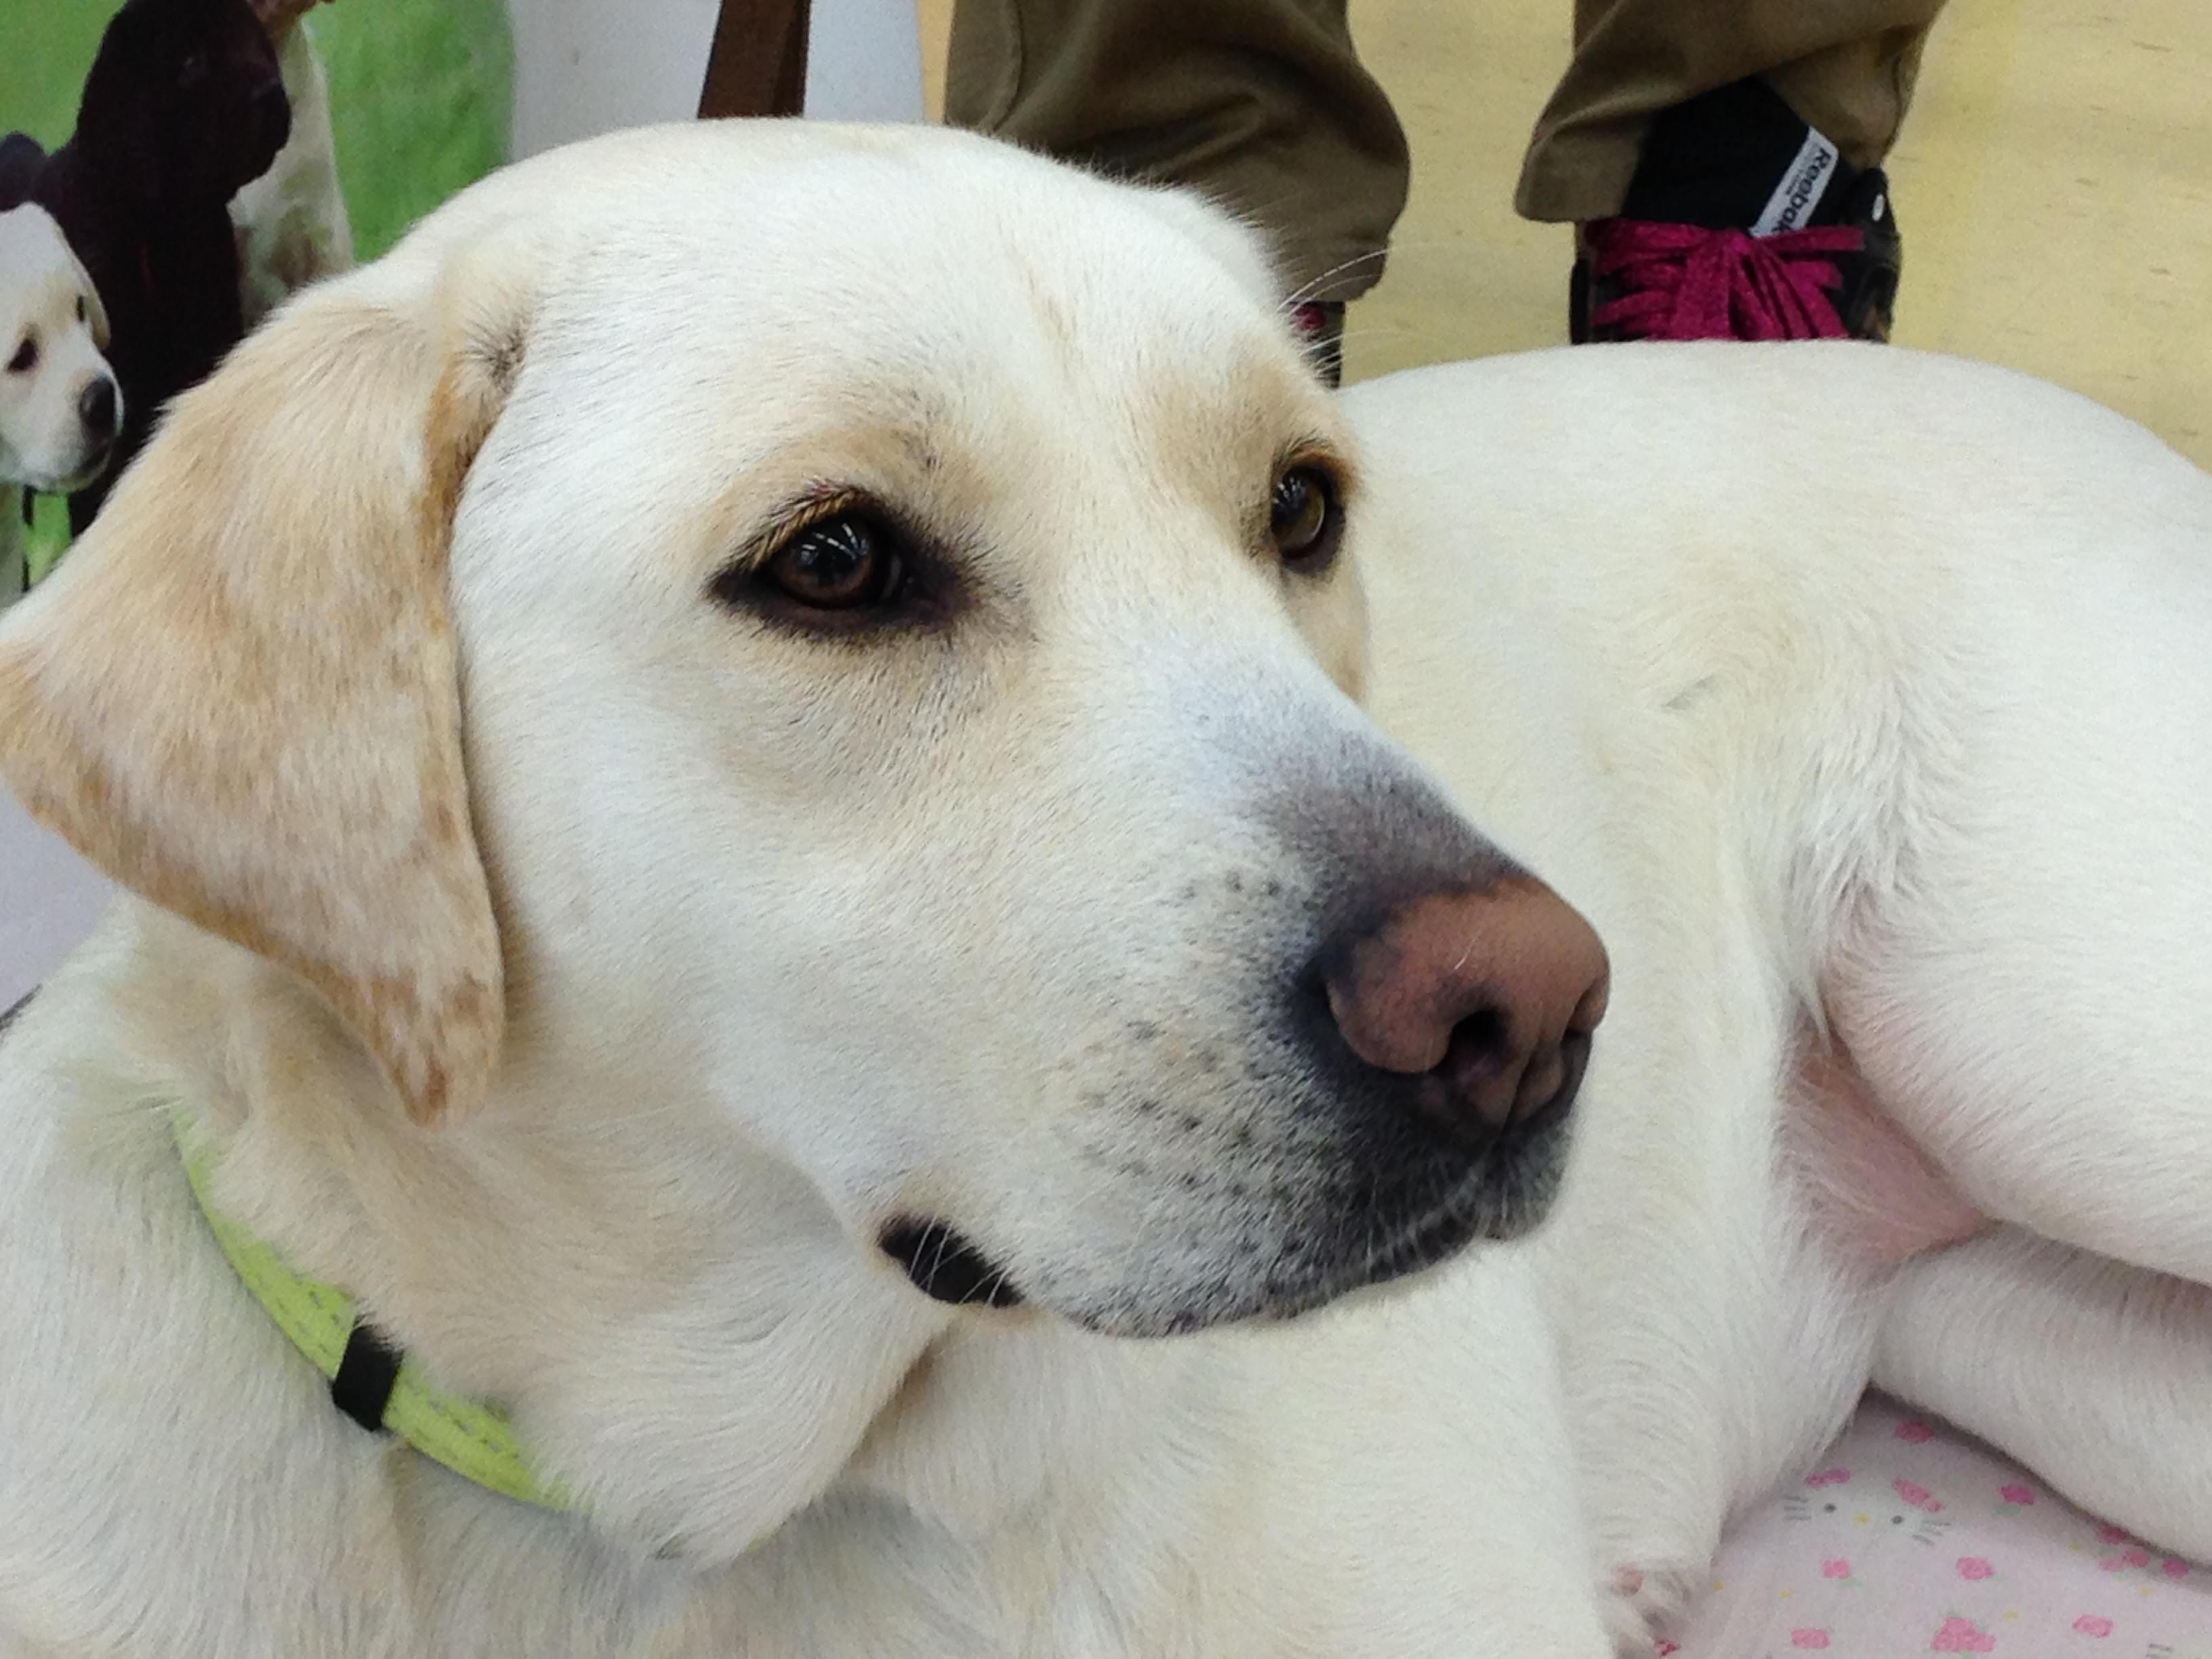 盲導犬がやってきた!グリーンモール山室で開催された盲導犬の啓蒙活動レポートの画像